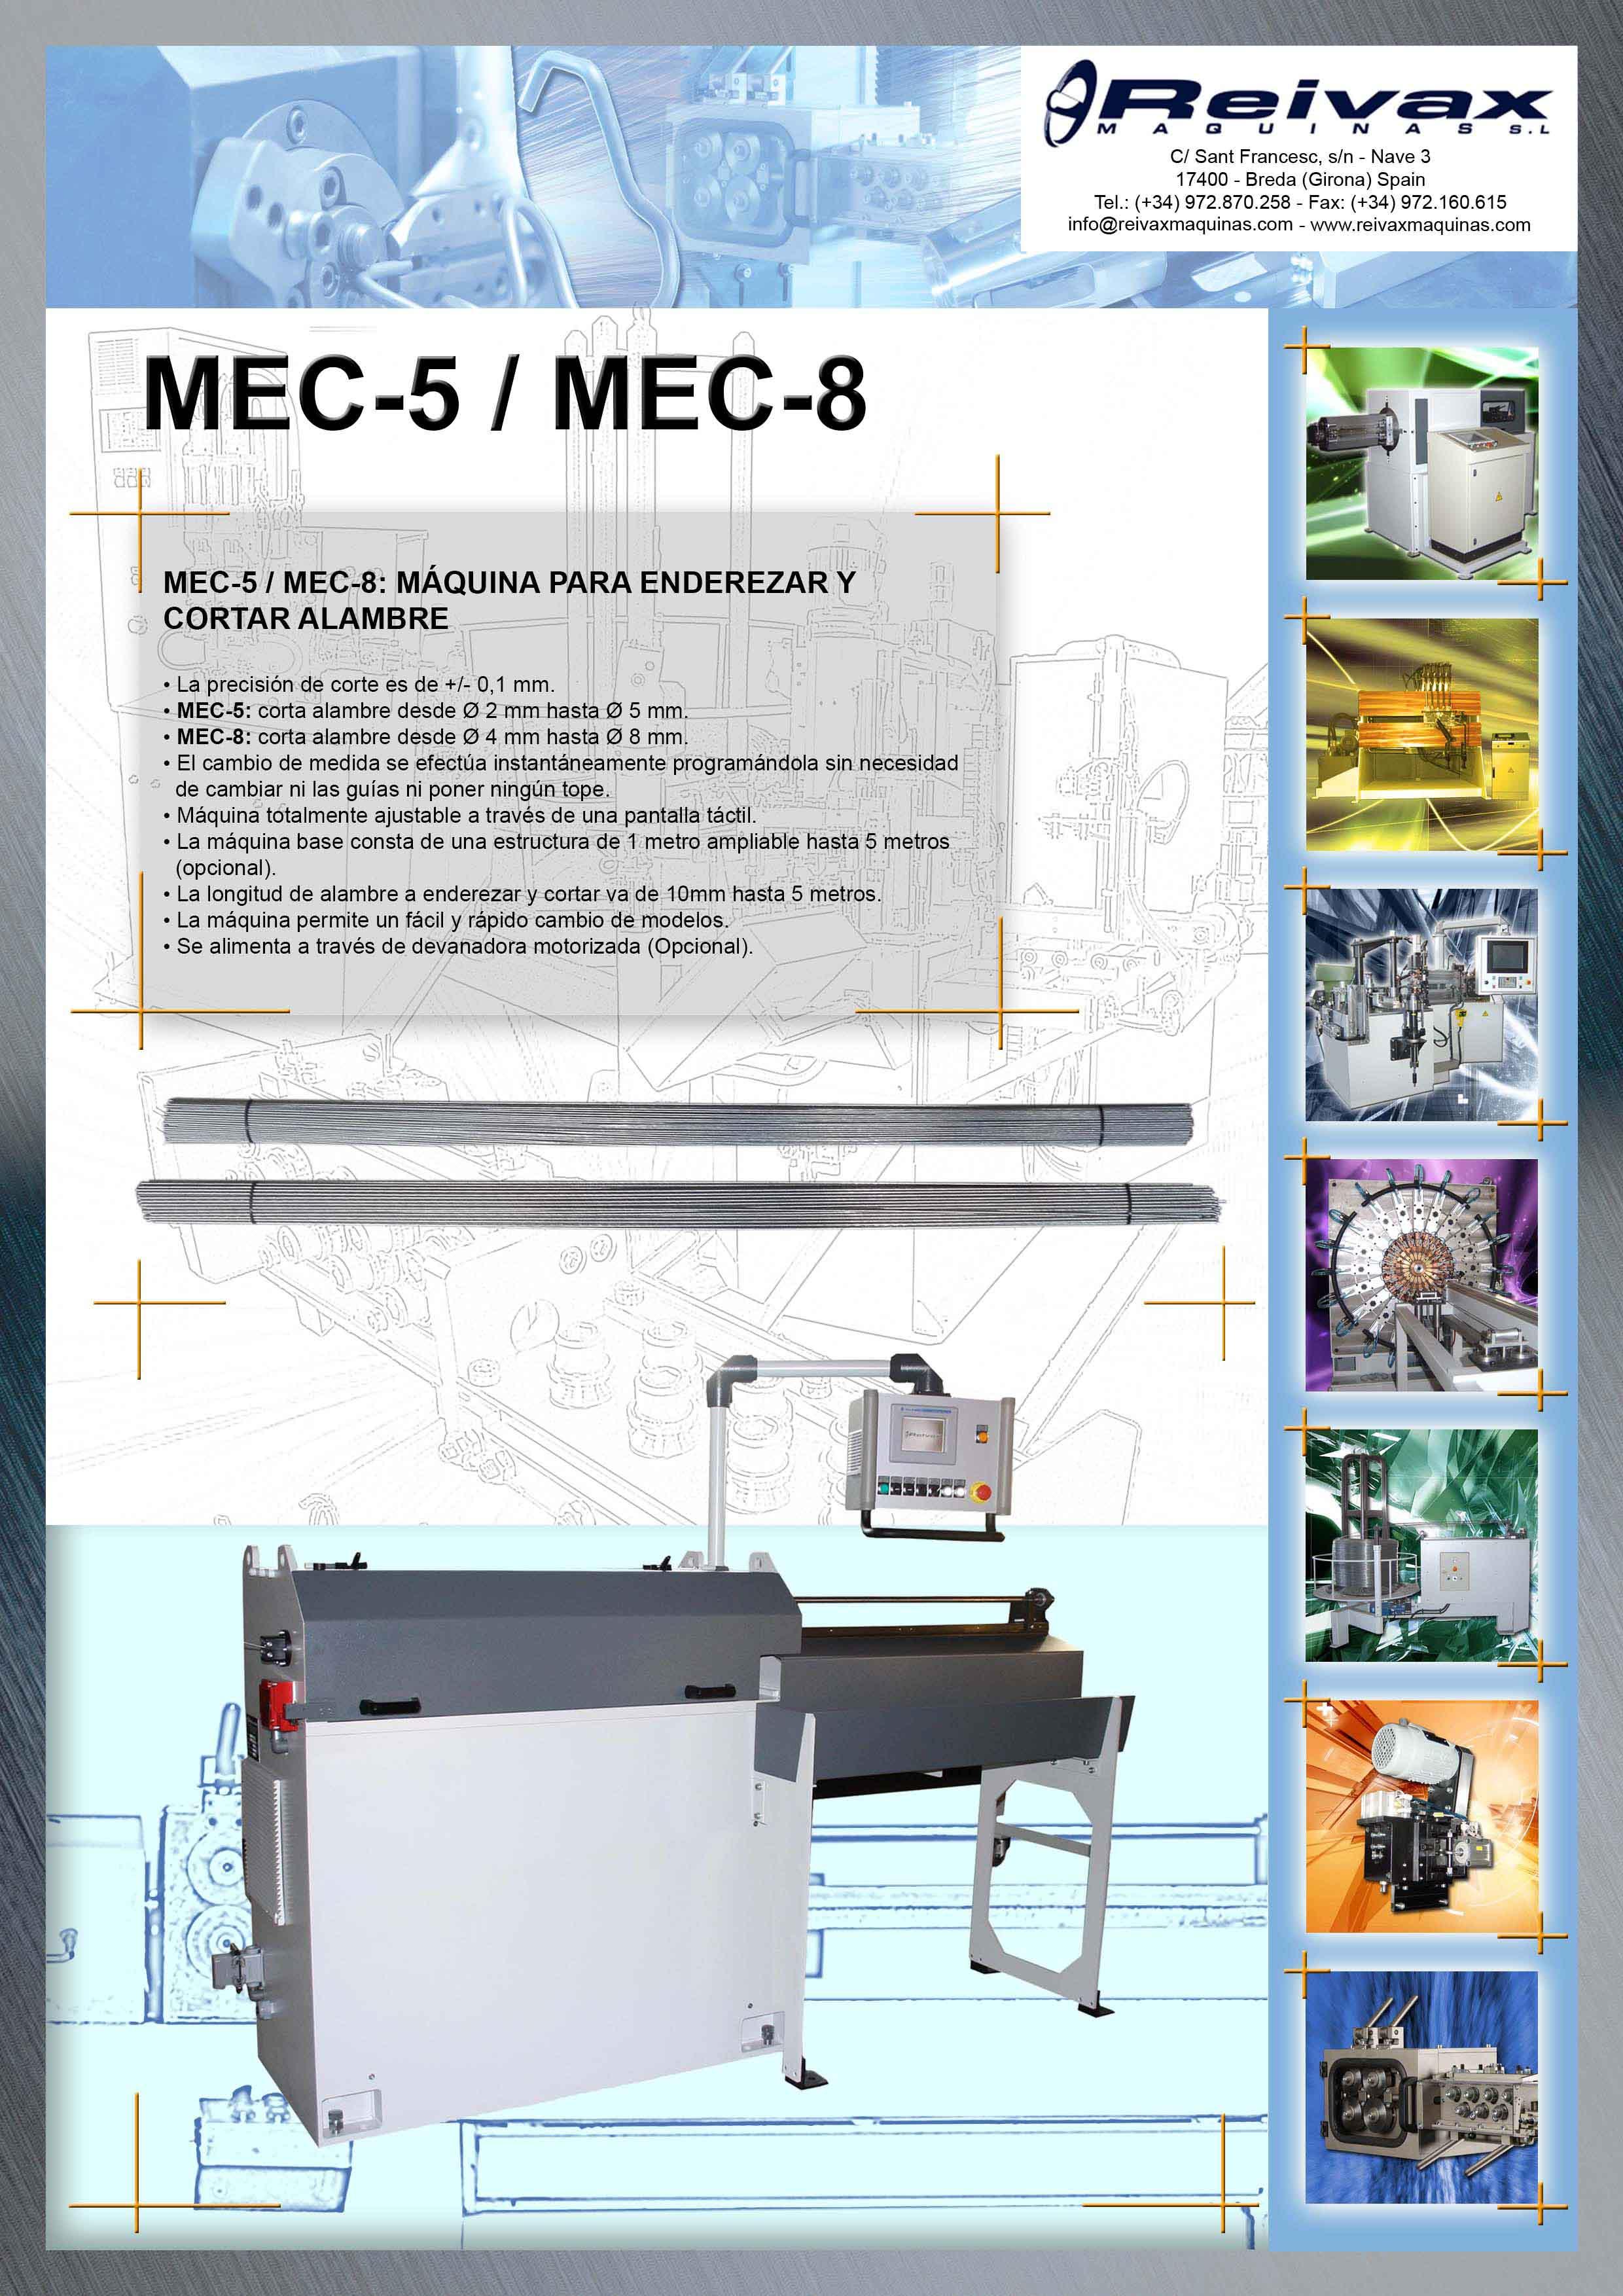 Reivax Maquinas, SL: MEC-5 / MEC-8 Ficha Técnica